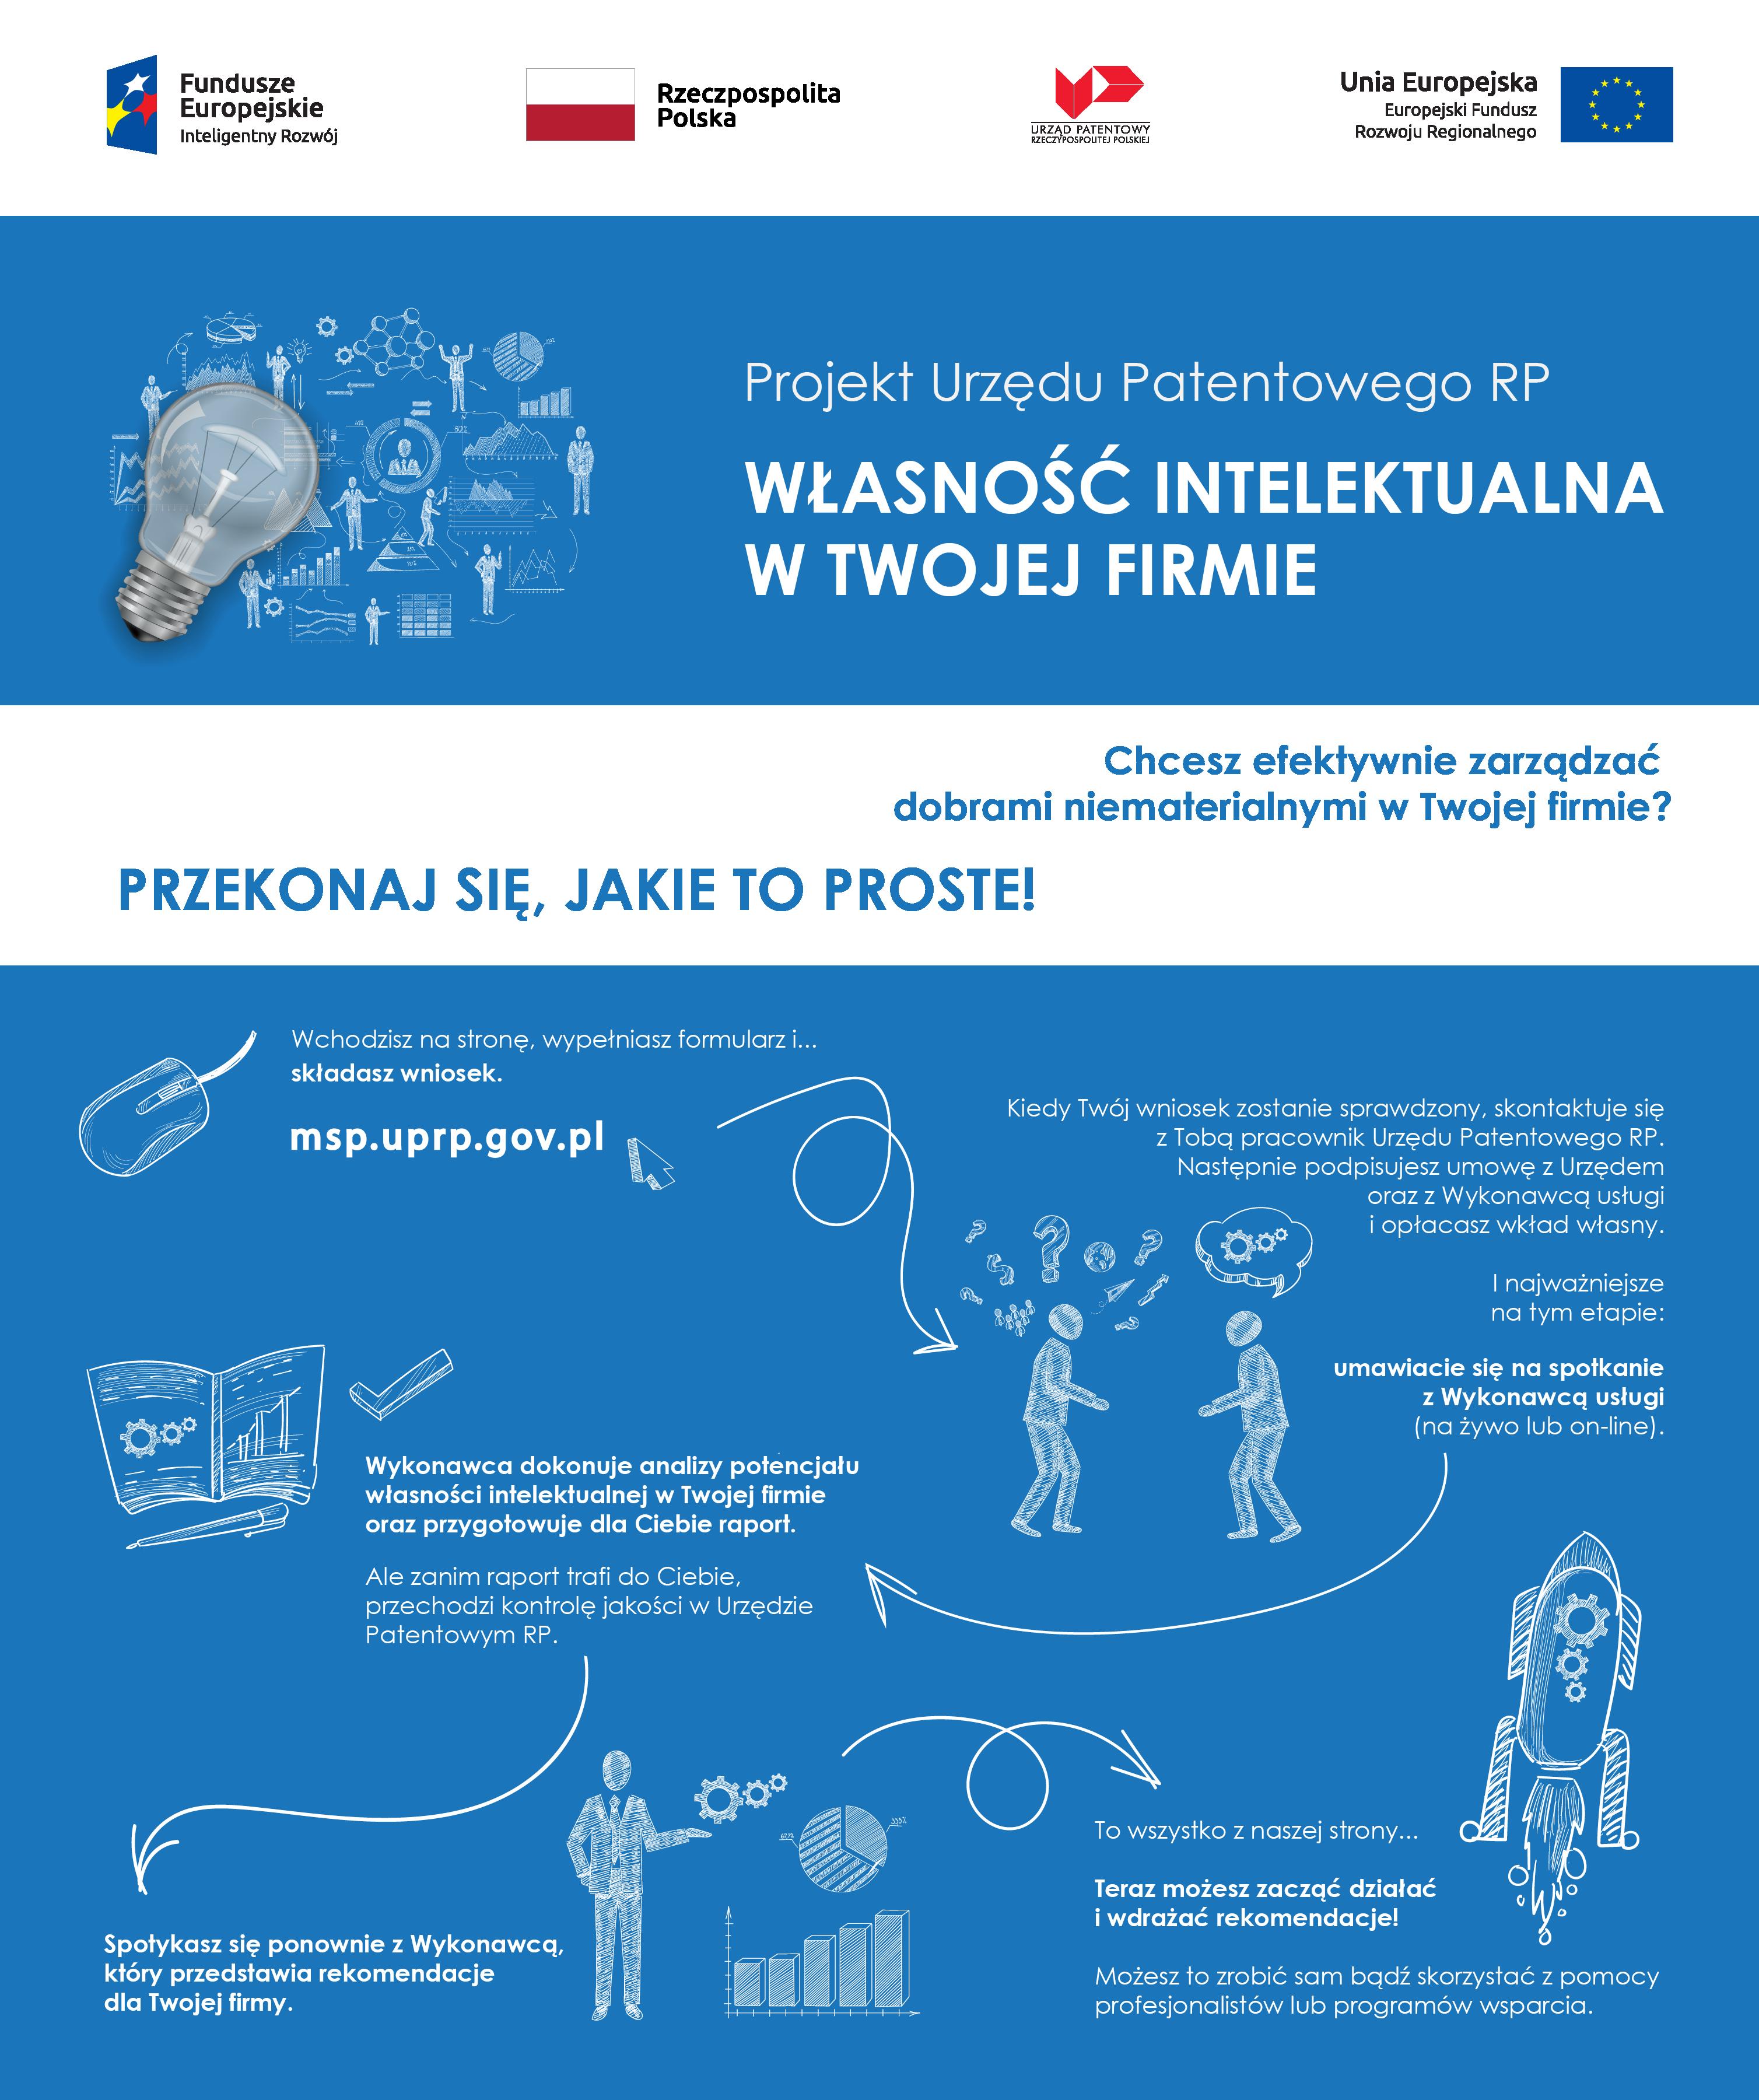 Projekt Urzędu Patentowego RP Własność intelektualna w twojej firmie z infografiką